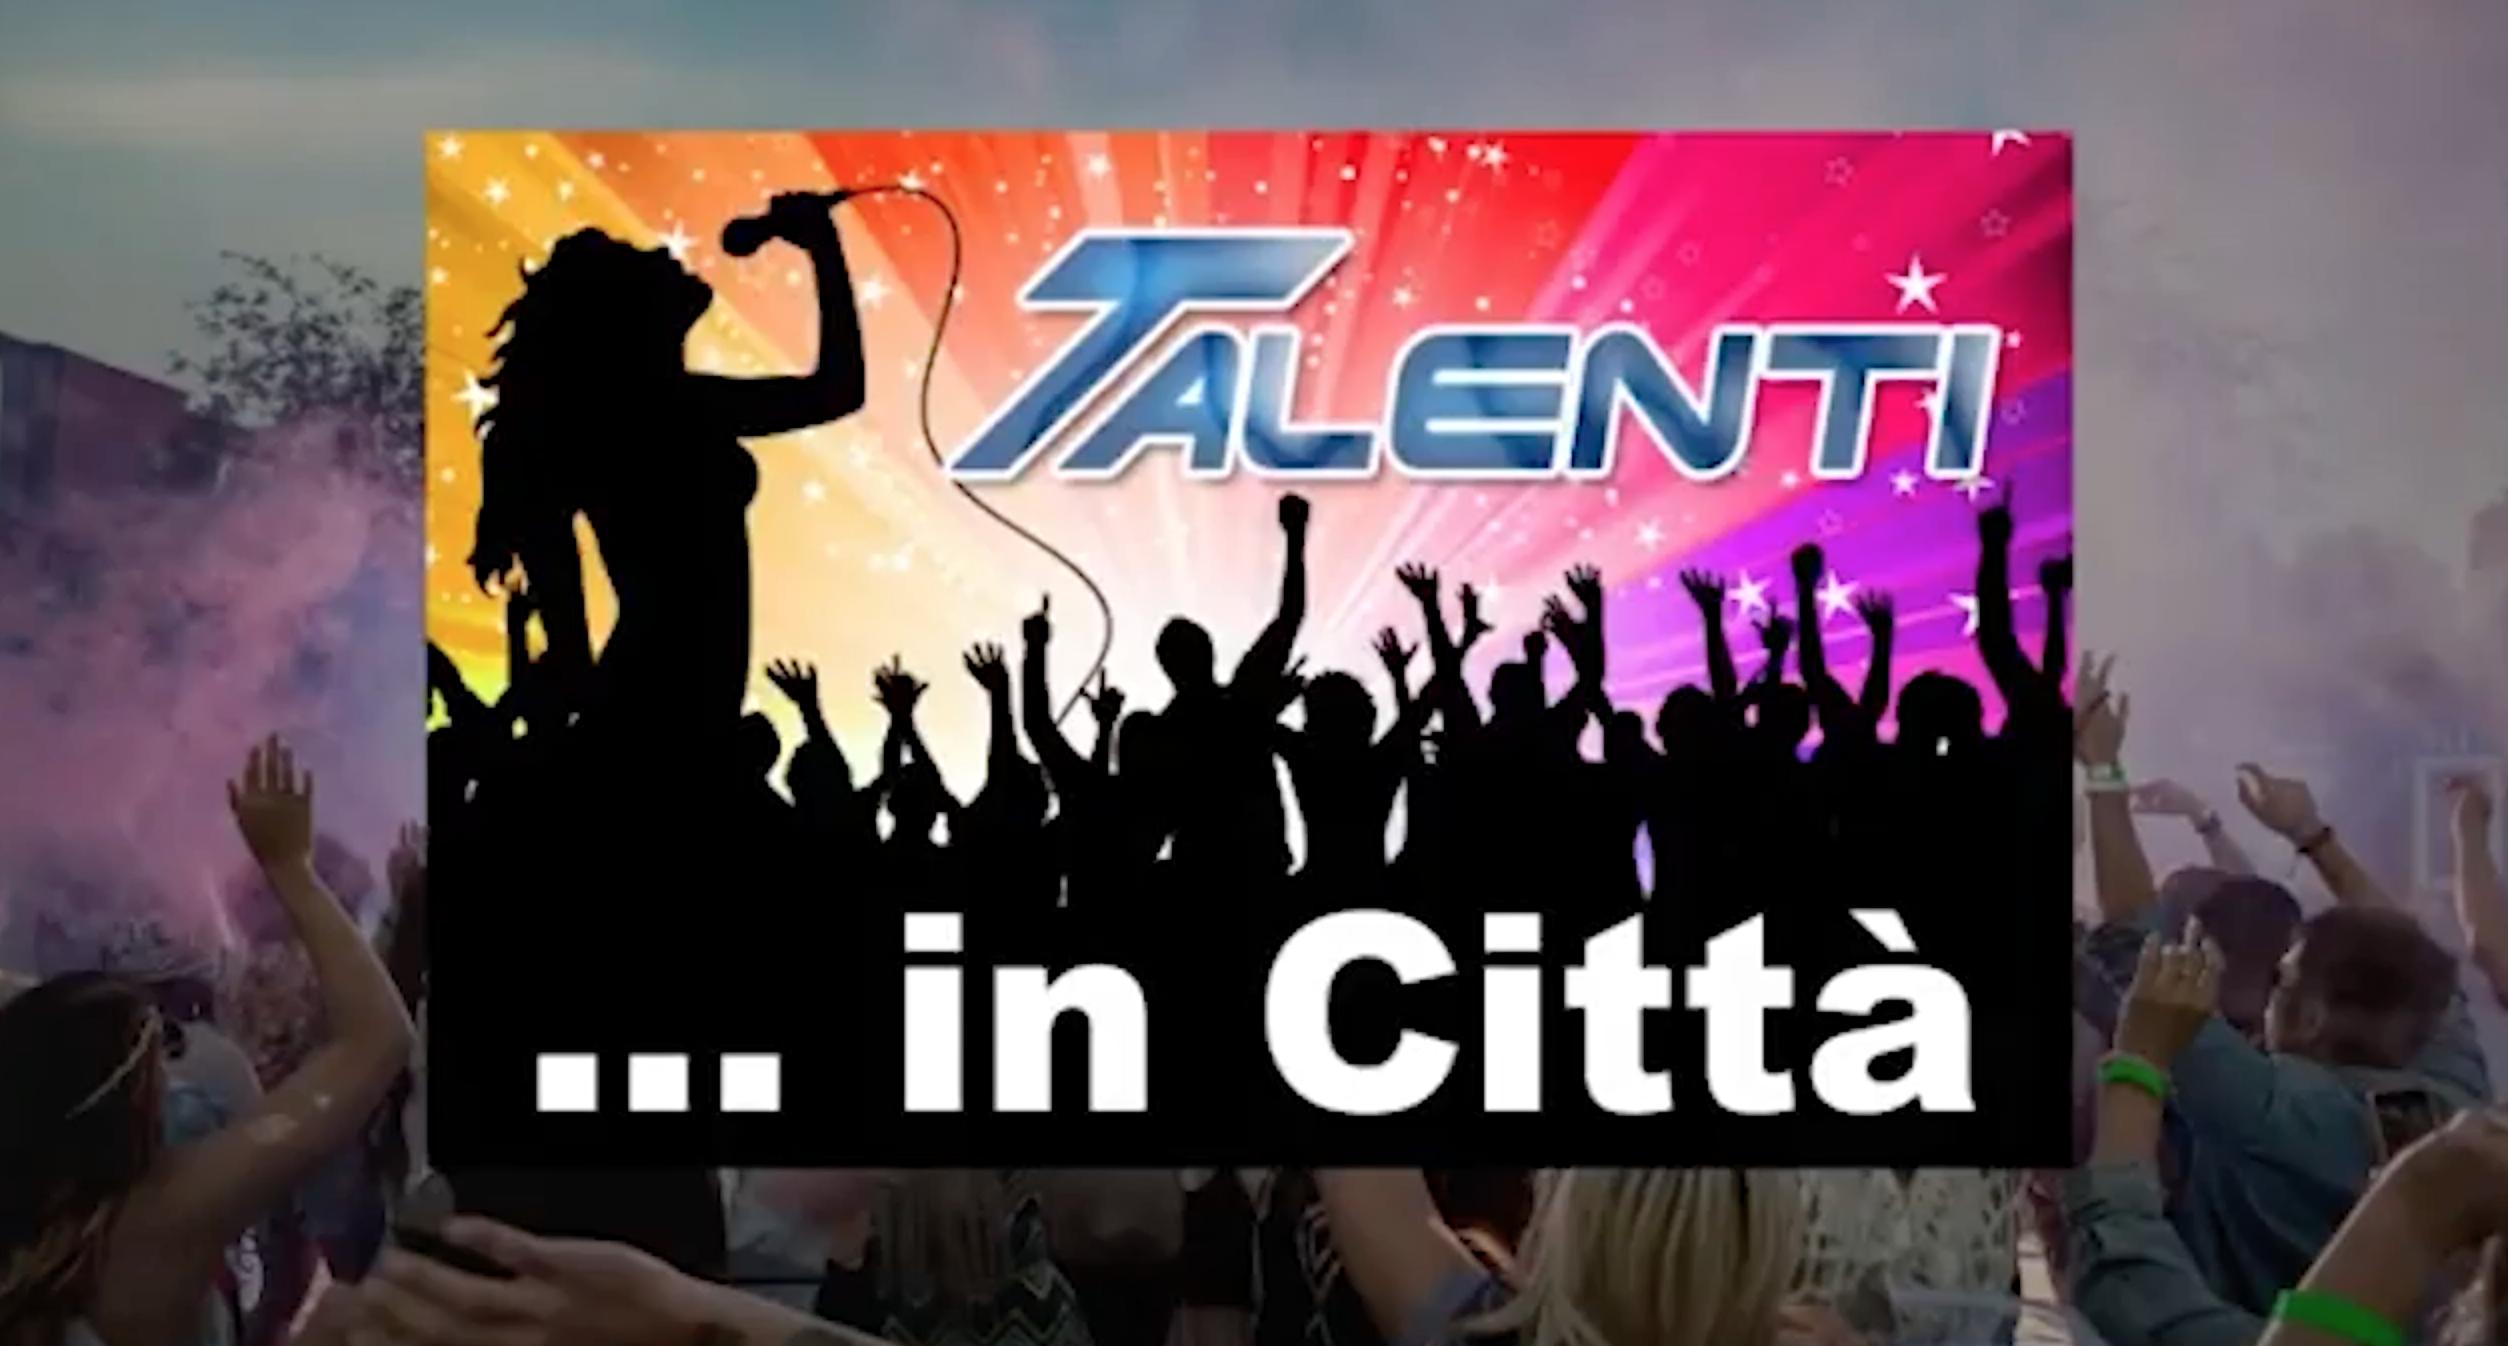 Talenti in città